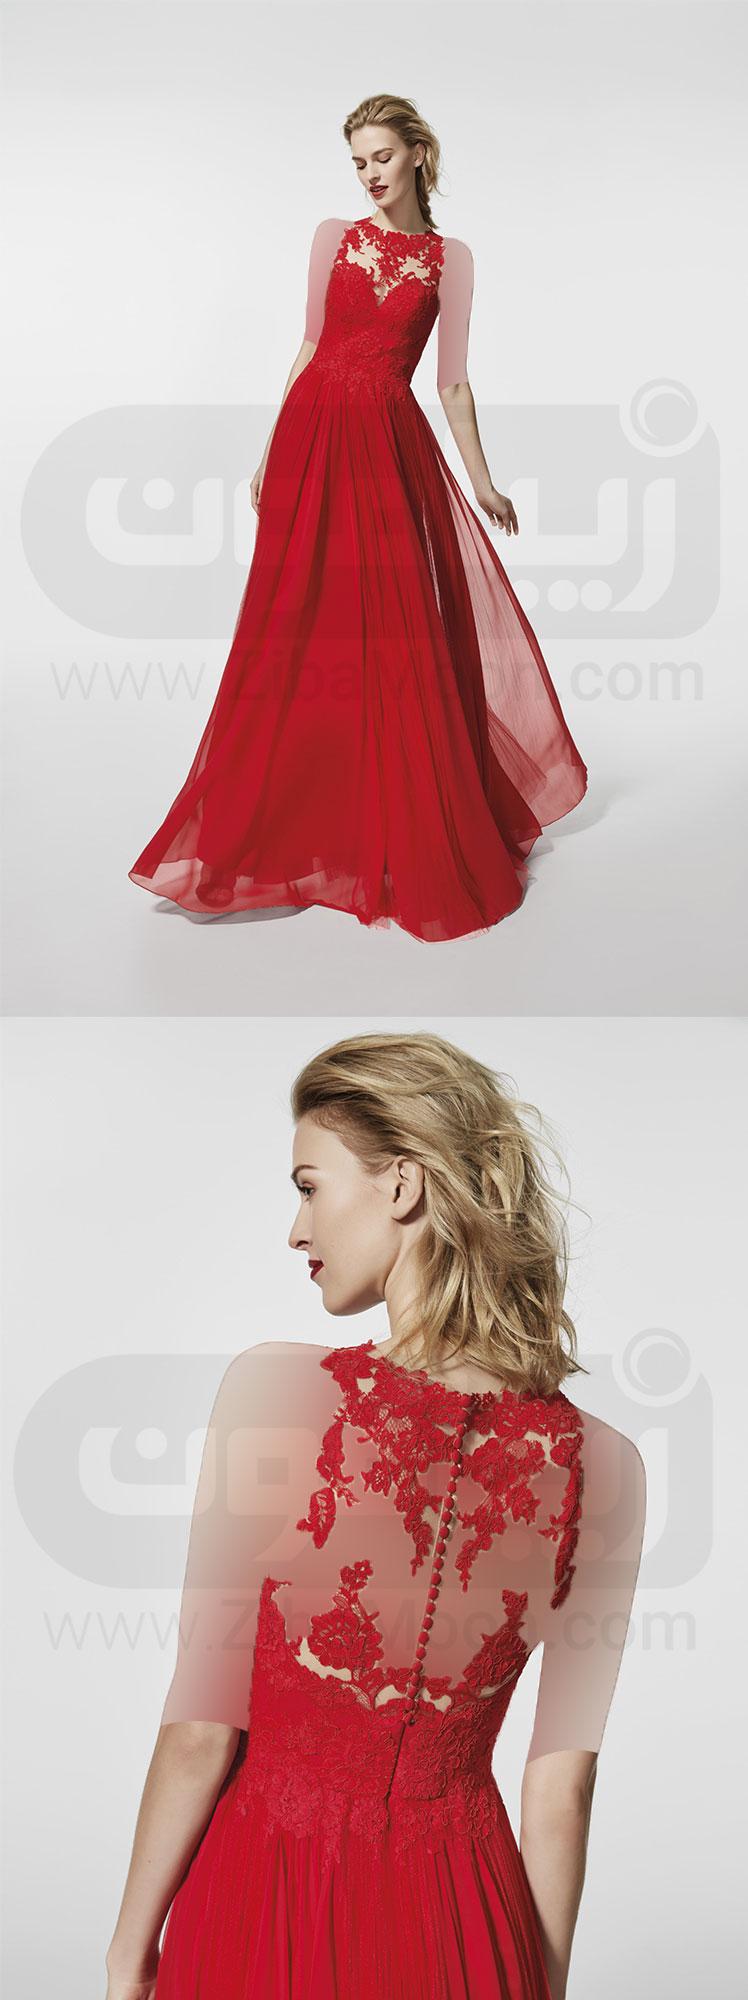 تتو روی ران لباس مجلسی - شیک ترین و جدیدترین مدل های 2017 - زیبامون